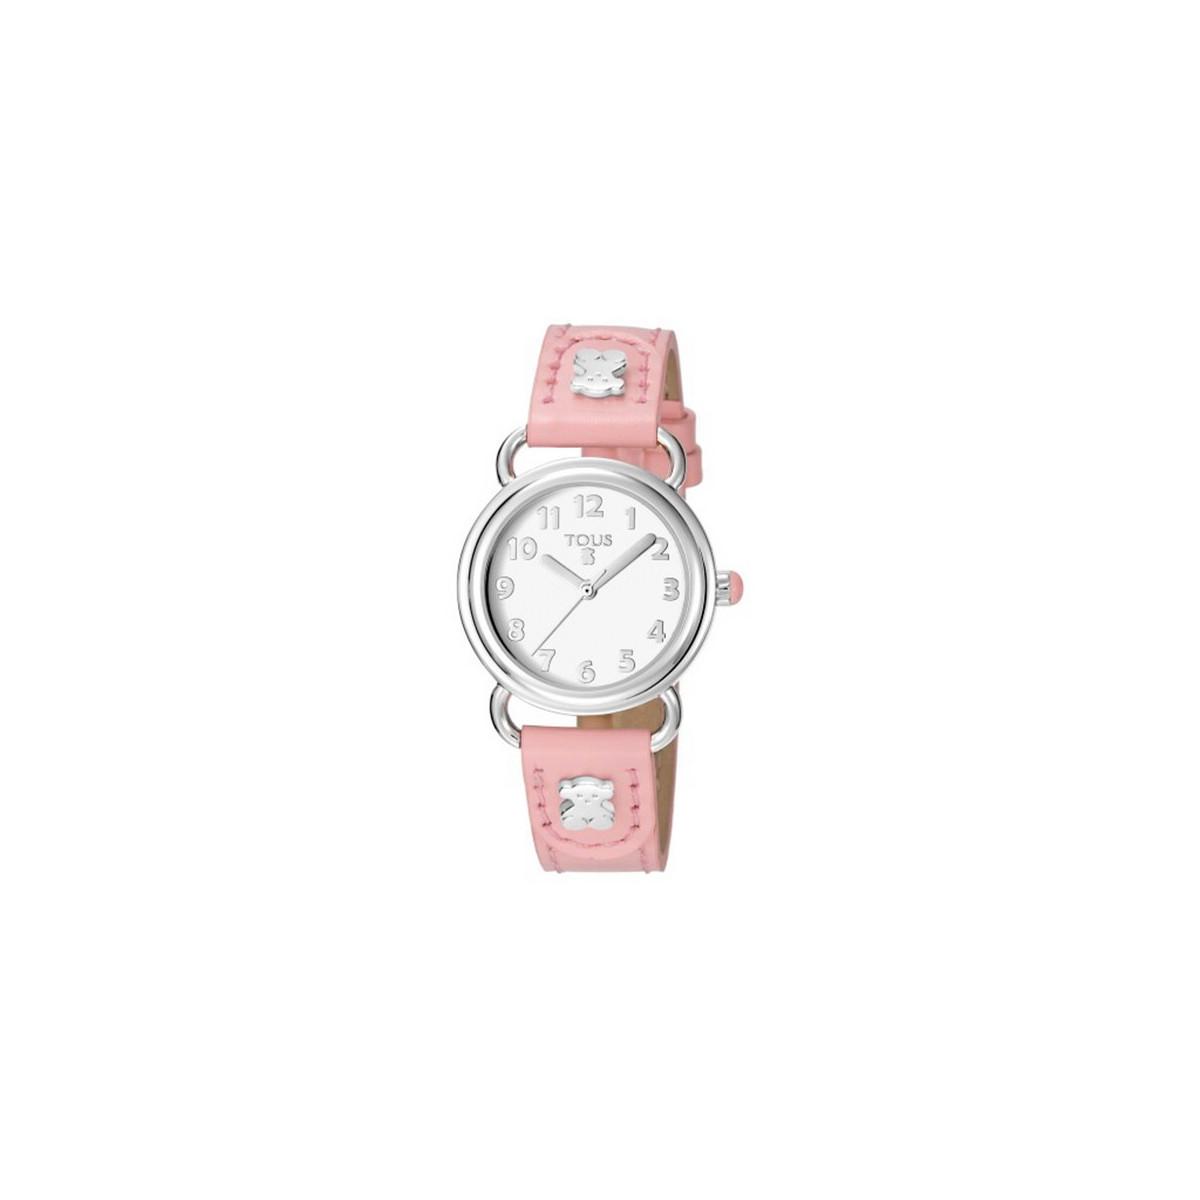 Reloj Tous Baby Bear Rosa Niña Comunión 500350180